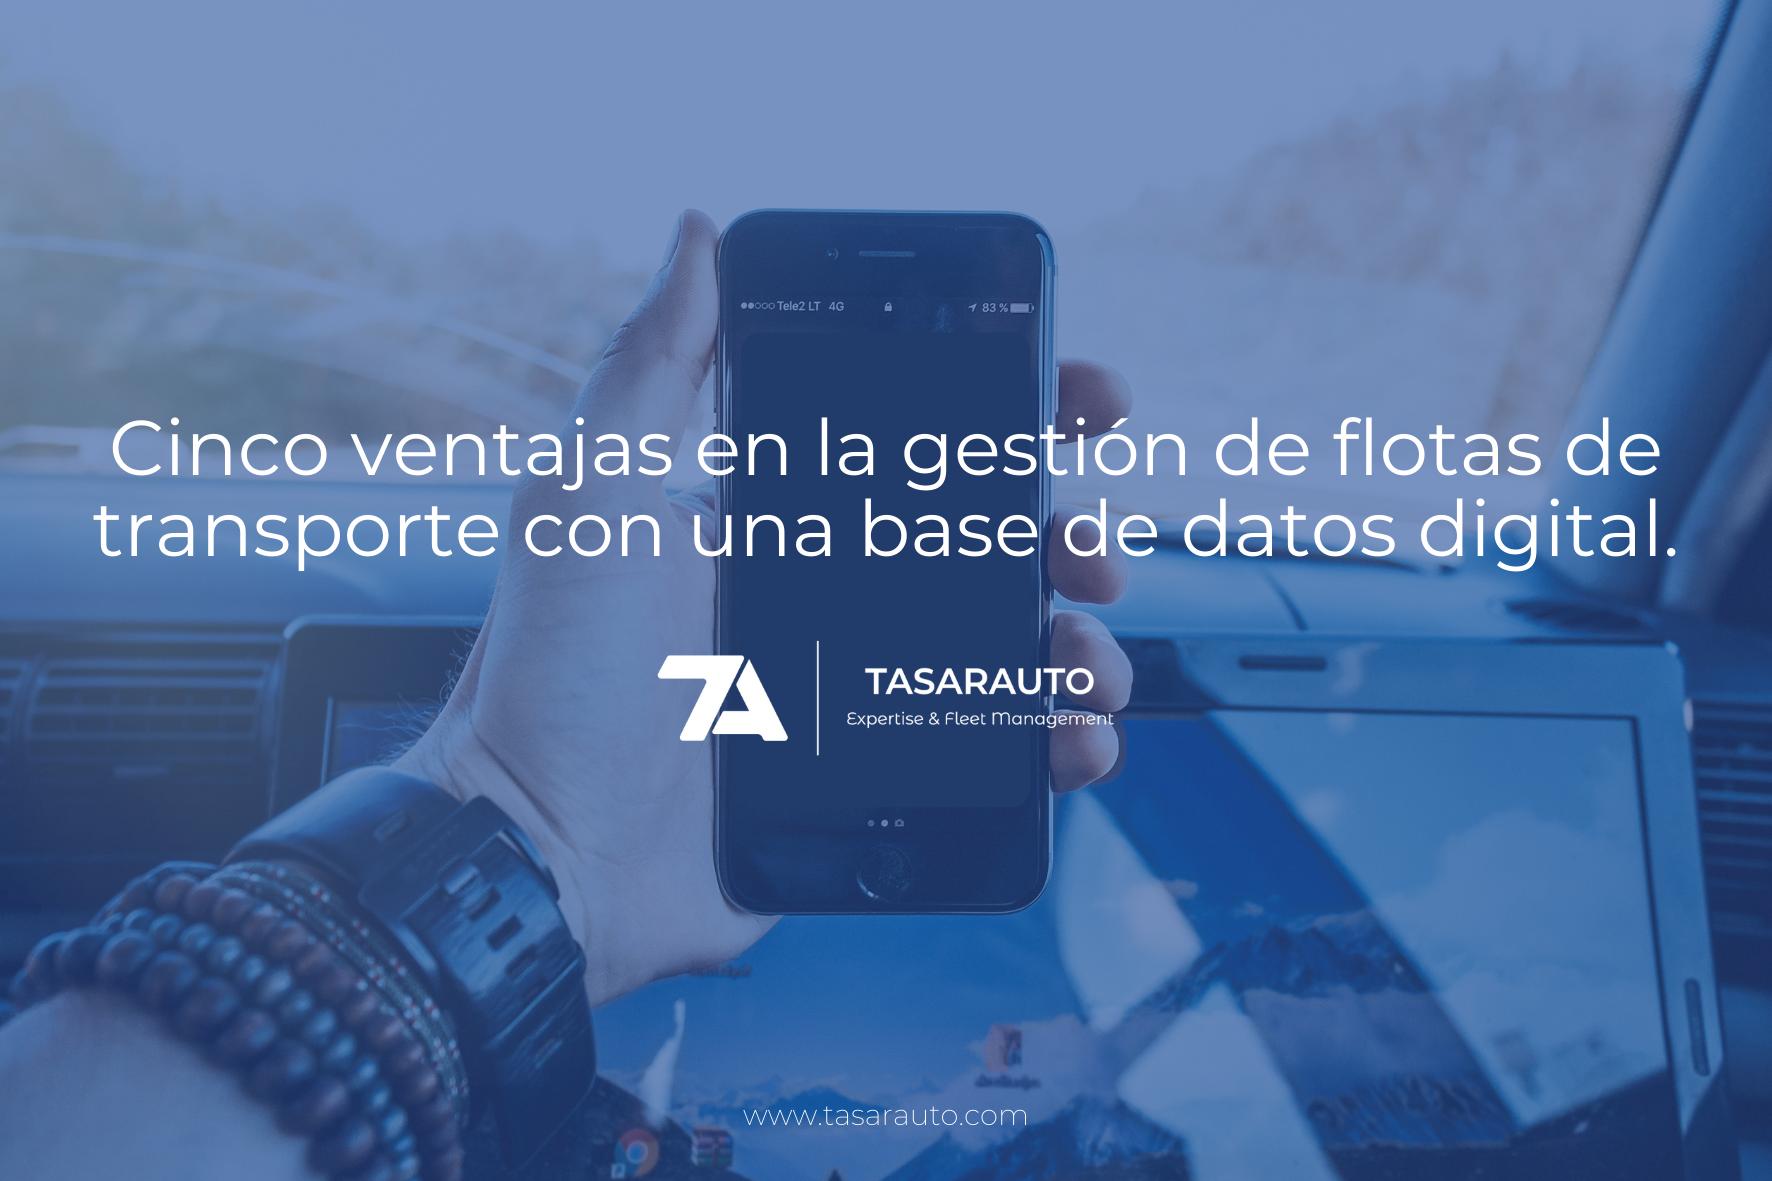 Cinco Ventajas En La Gestión De Flotas De Transporte Con Una Base De Datos Digital.